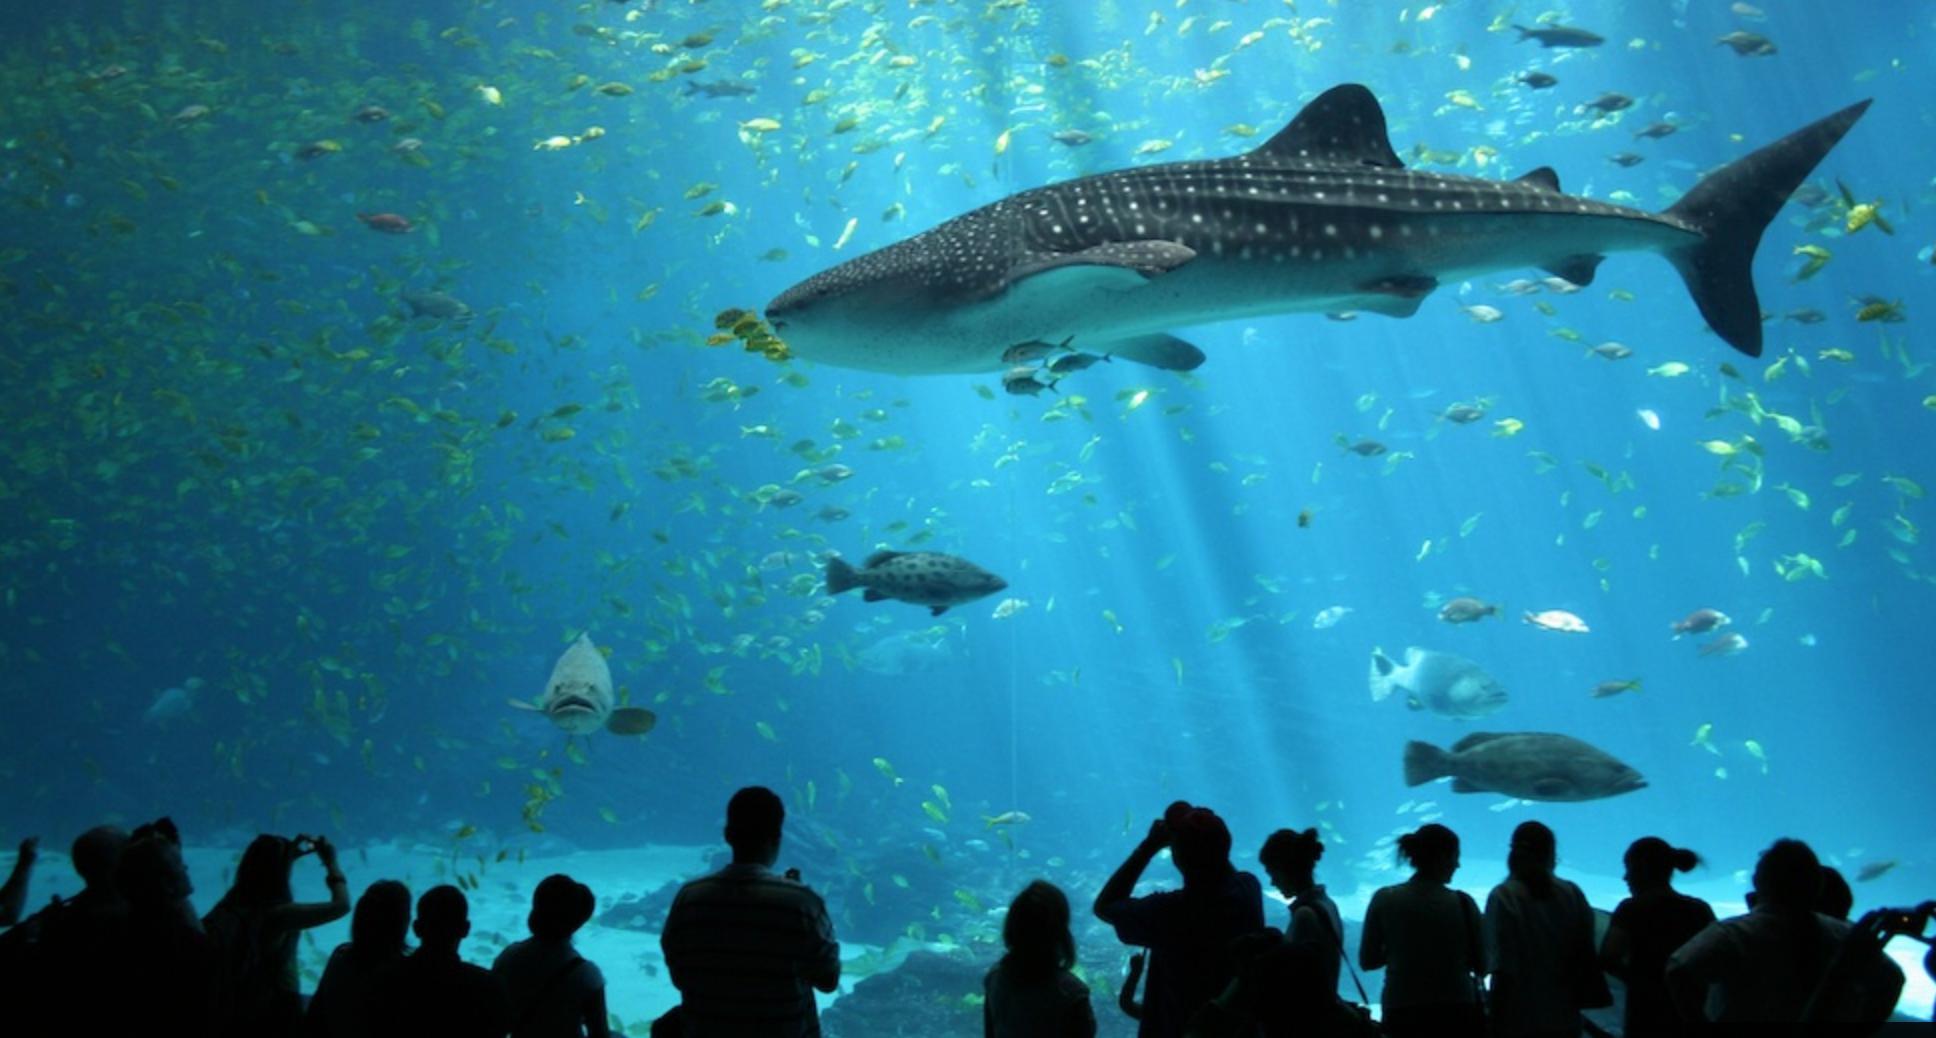 Du lịch Singapore tết dương lịch 2016 - sea aquarium